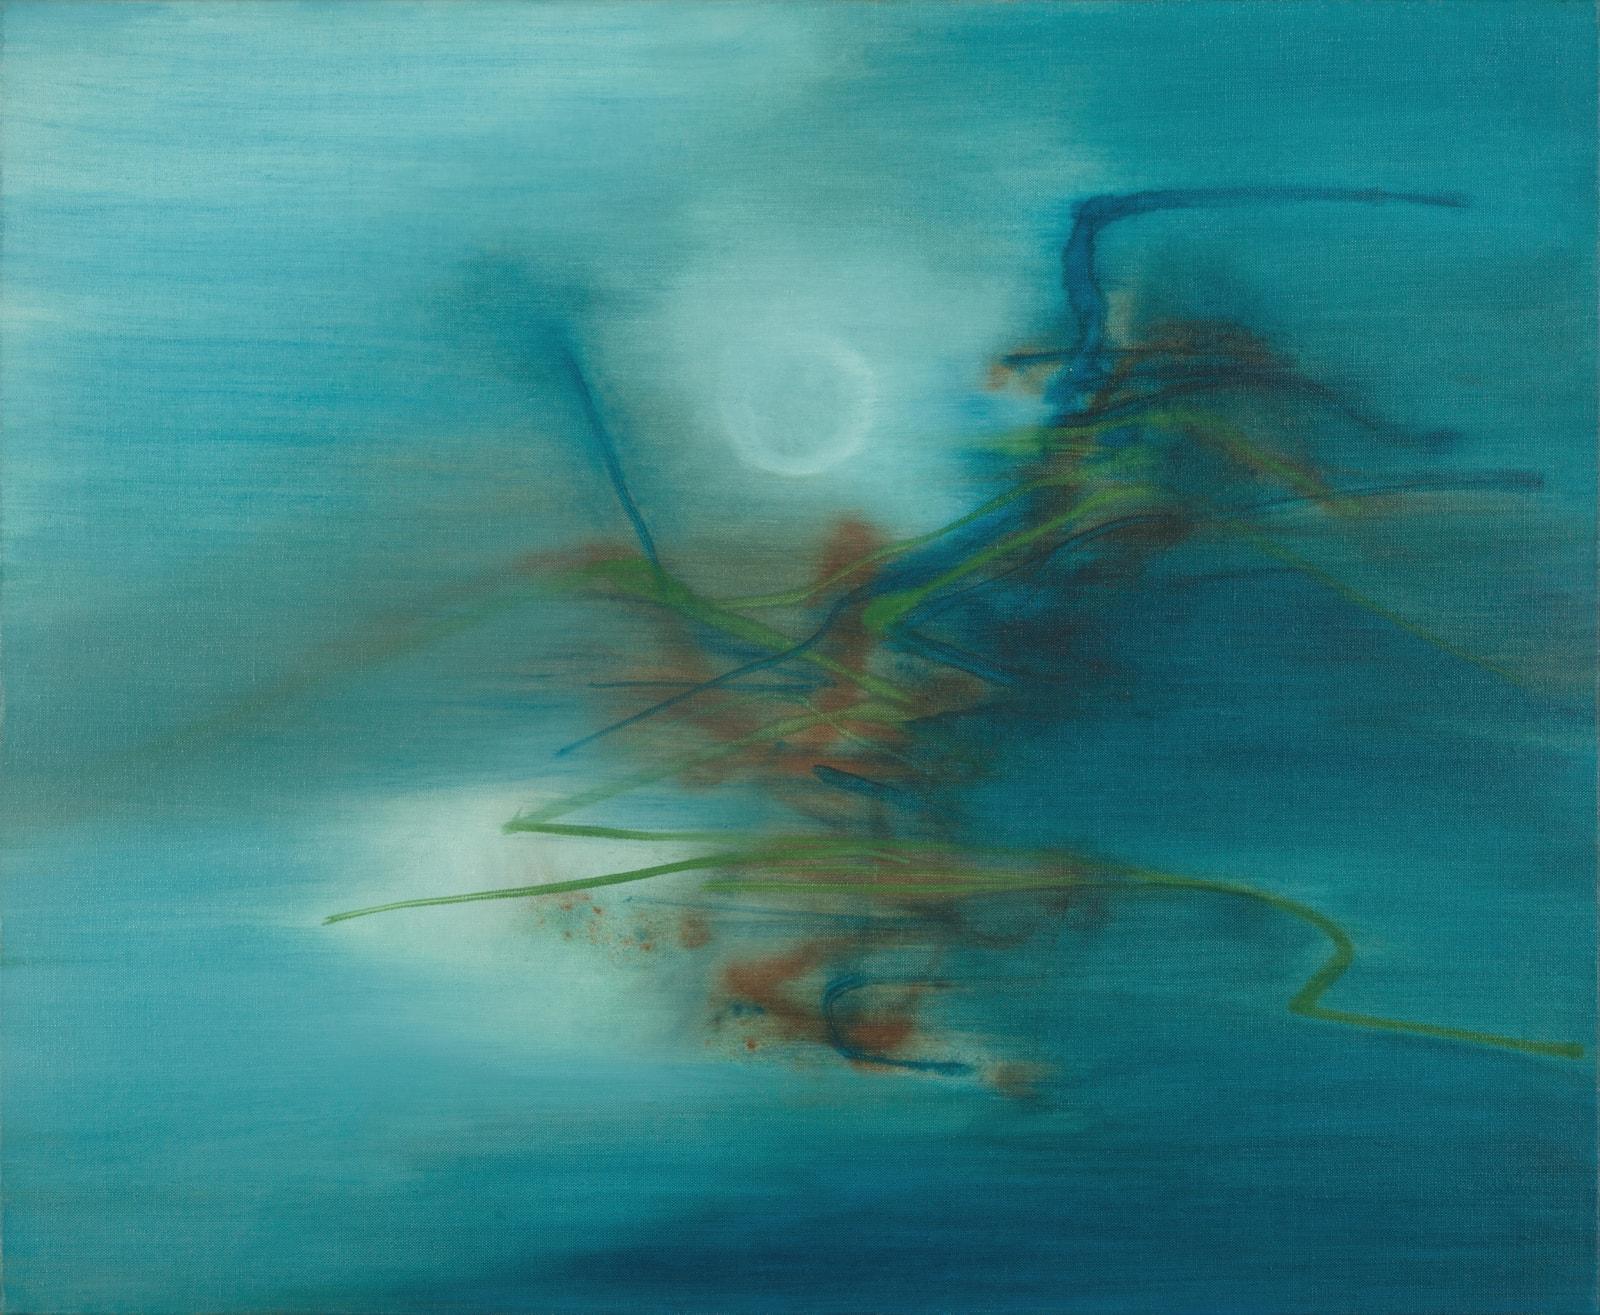 Lalan 謝景蘭, Untitled《無題》, 1974